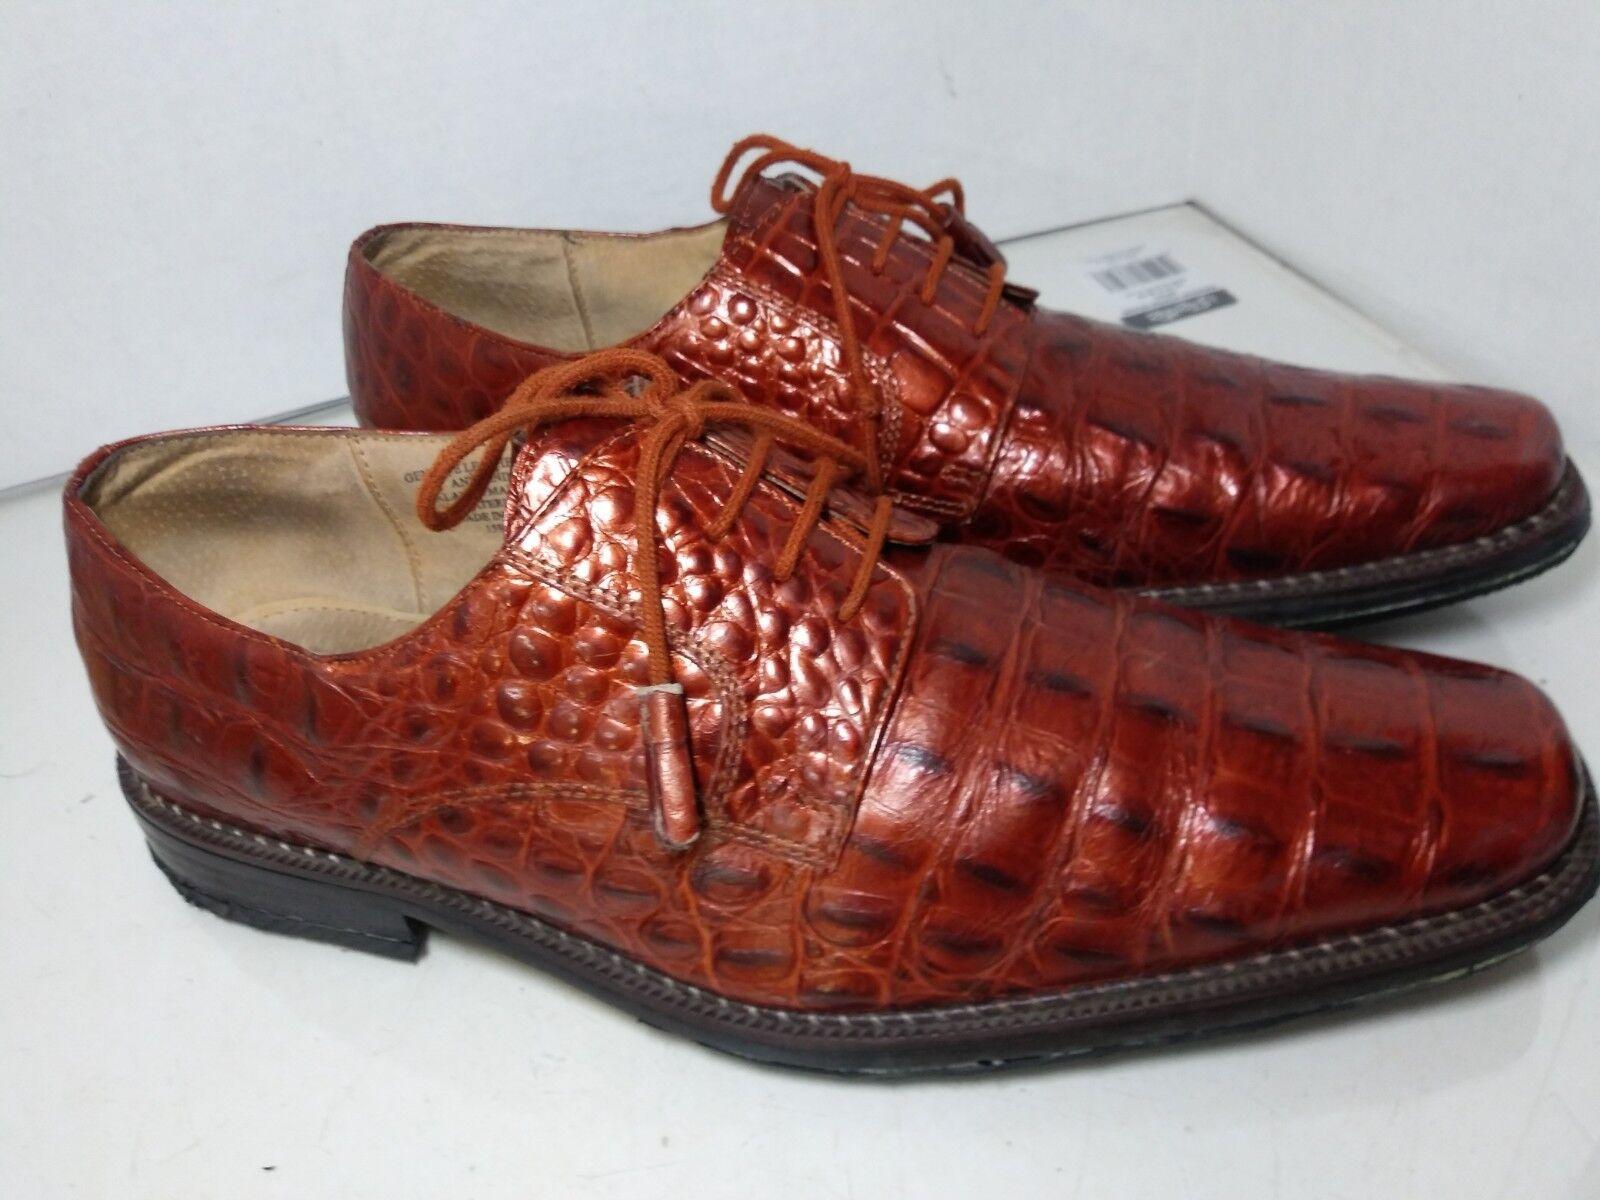 Giorgio BrutiniBronze Copper Metallic Croc Print Dress Oxfords Mens Size 11 M